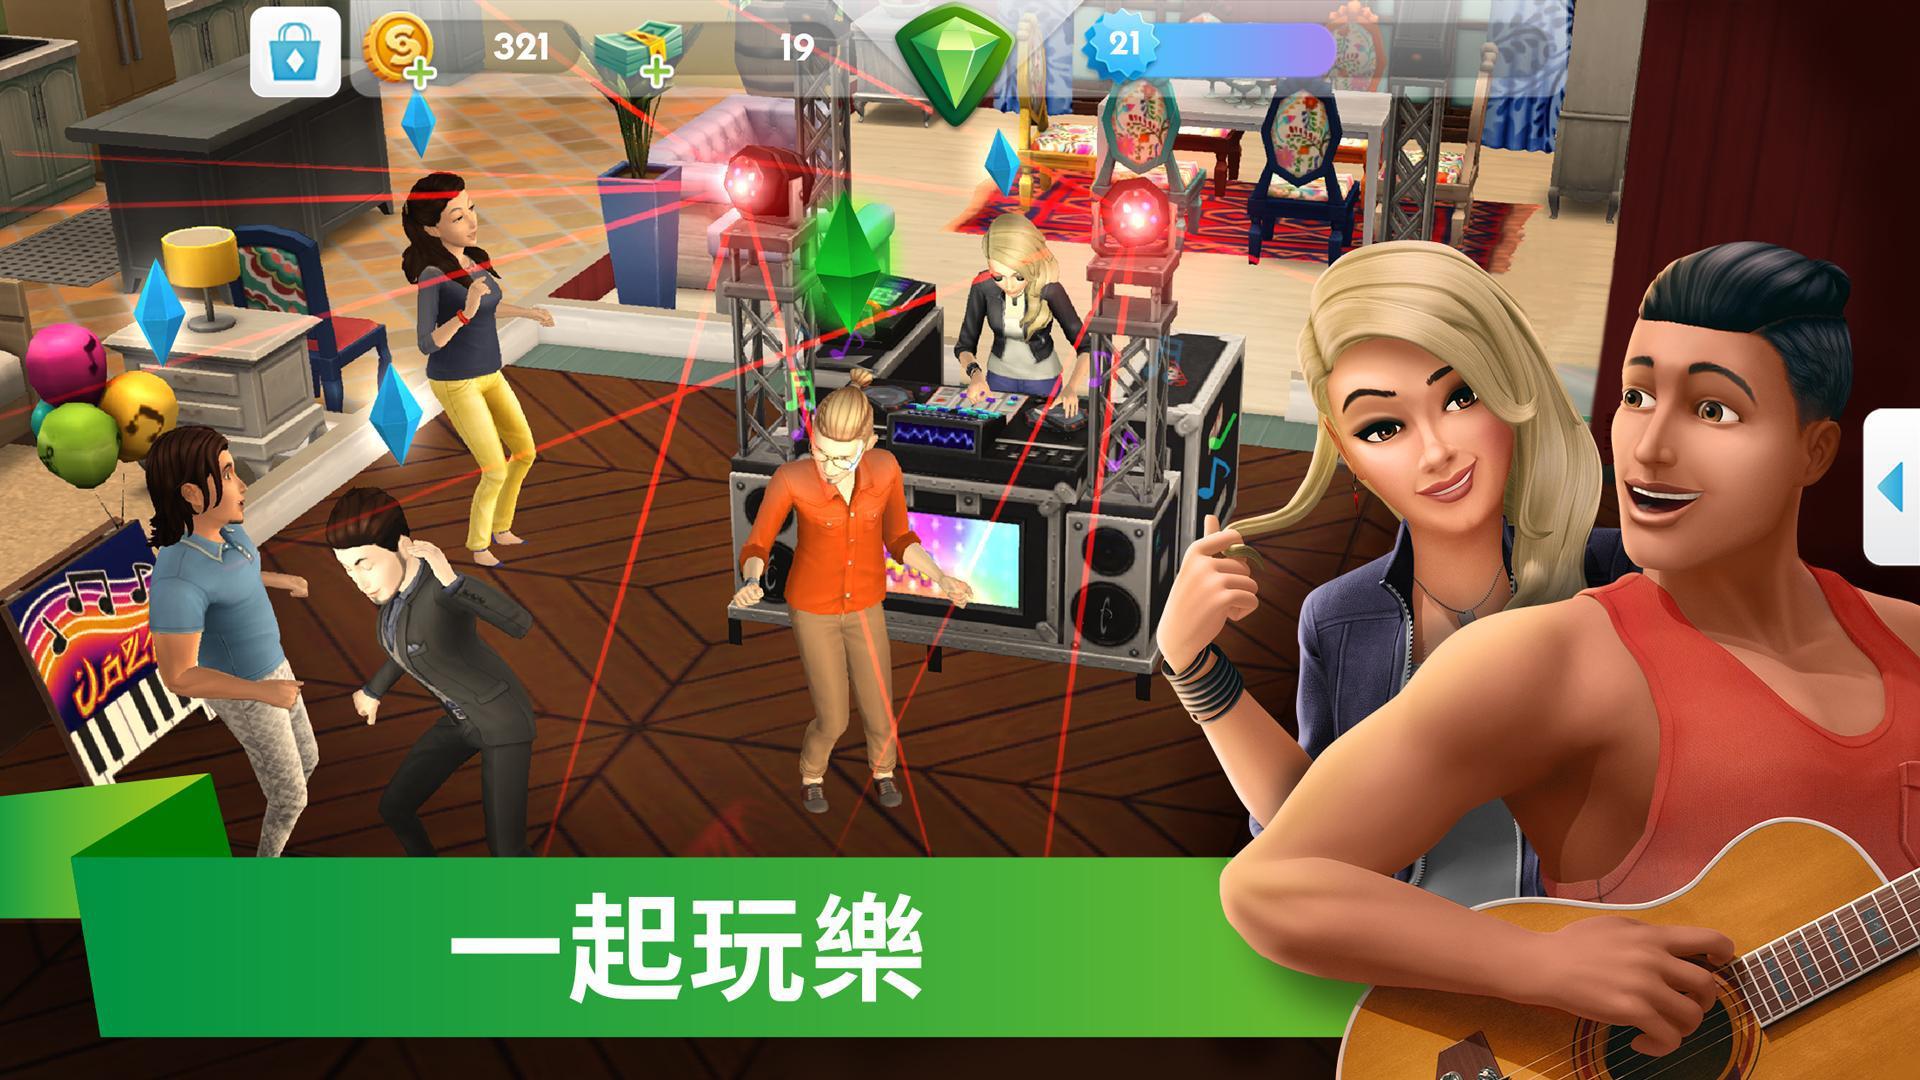 模拟人生移动版 游戏截图4